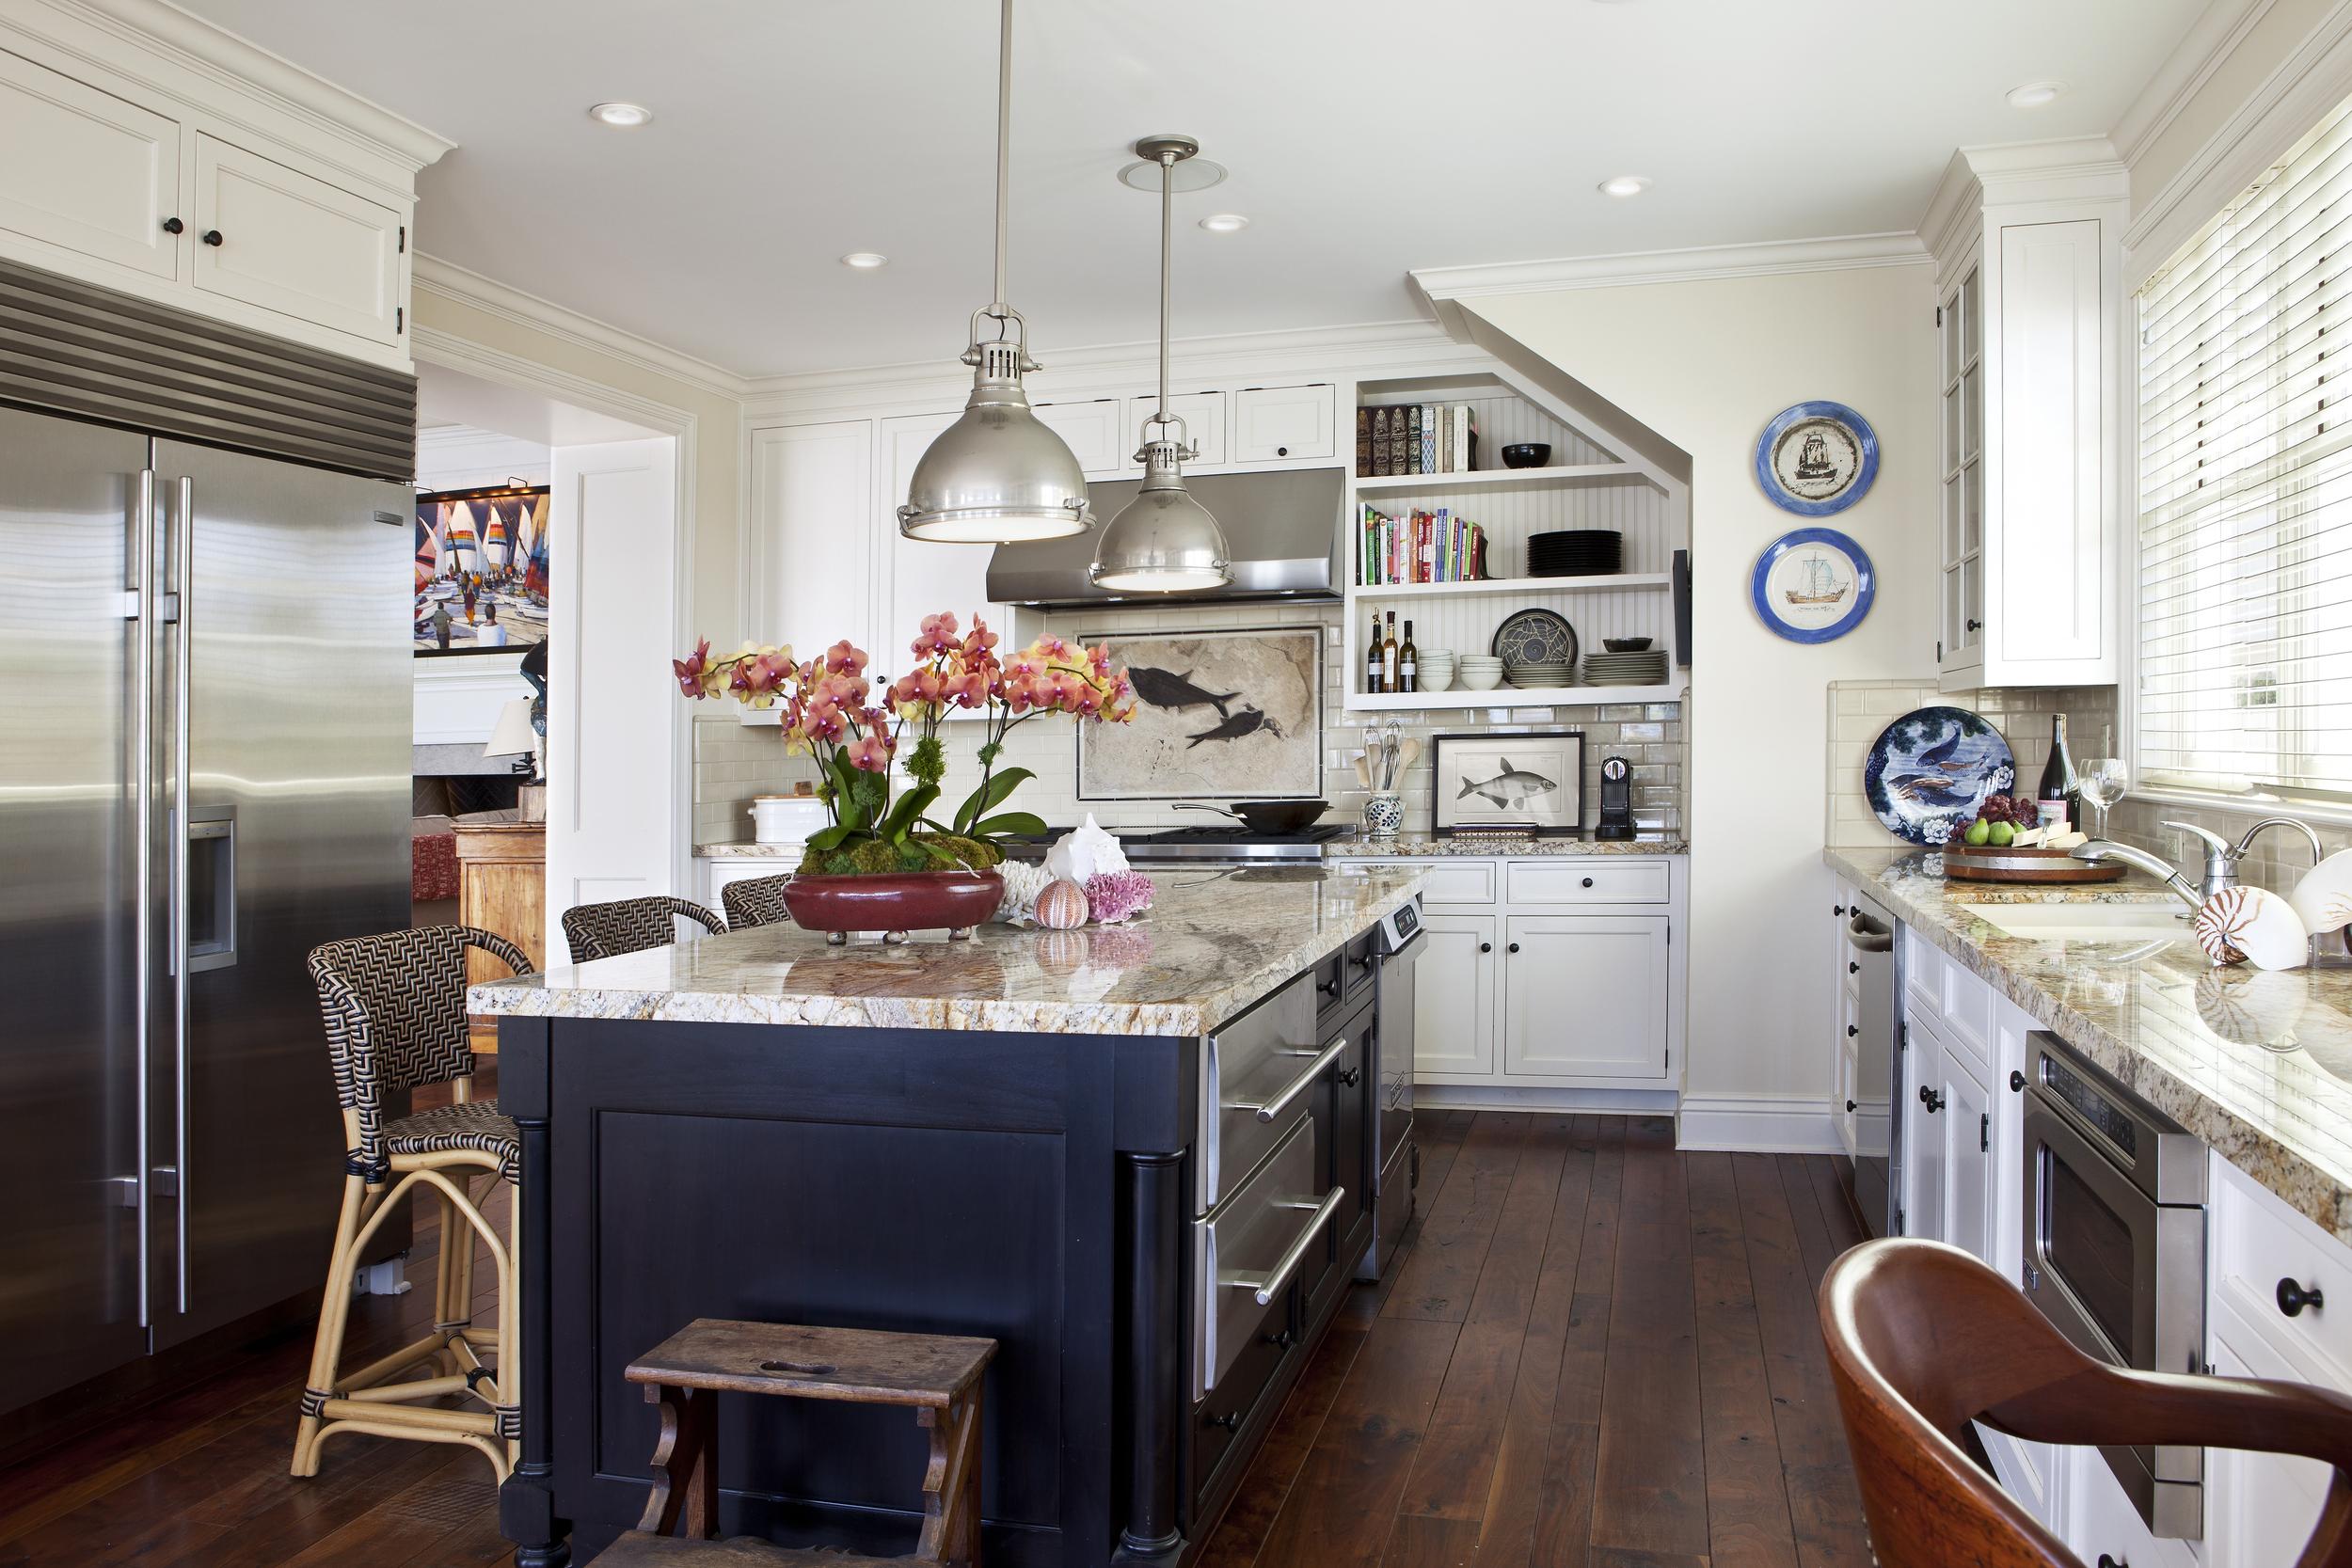 06 Coronado Island Shingle Kitchen.jpg